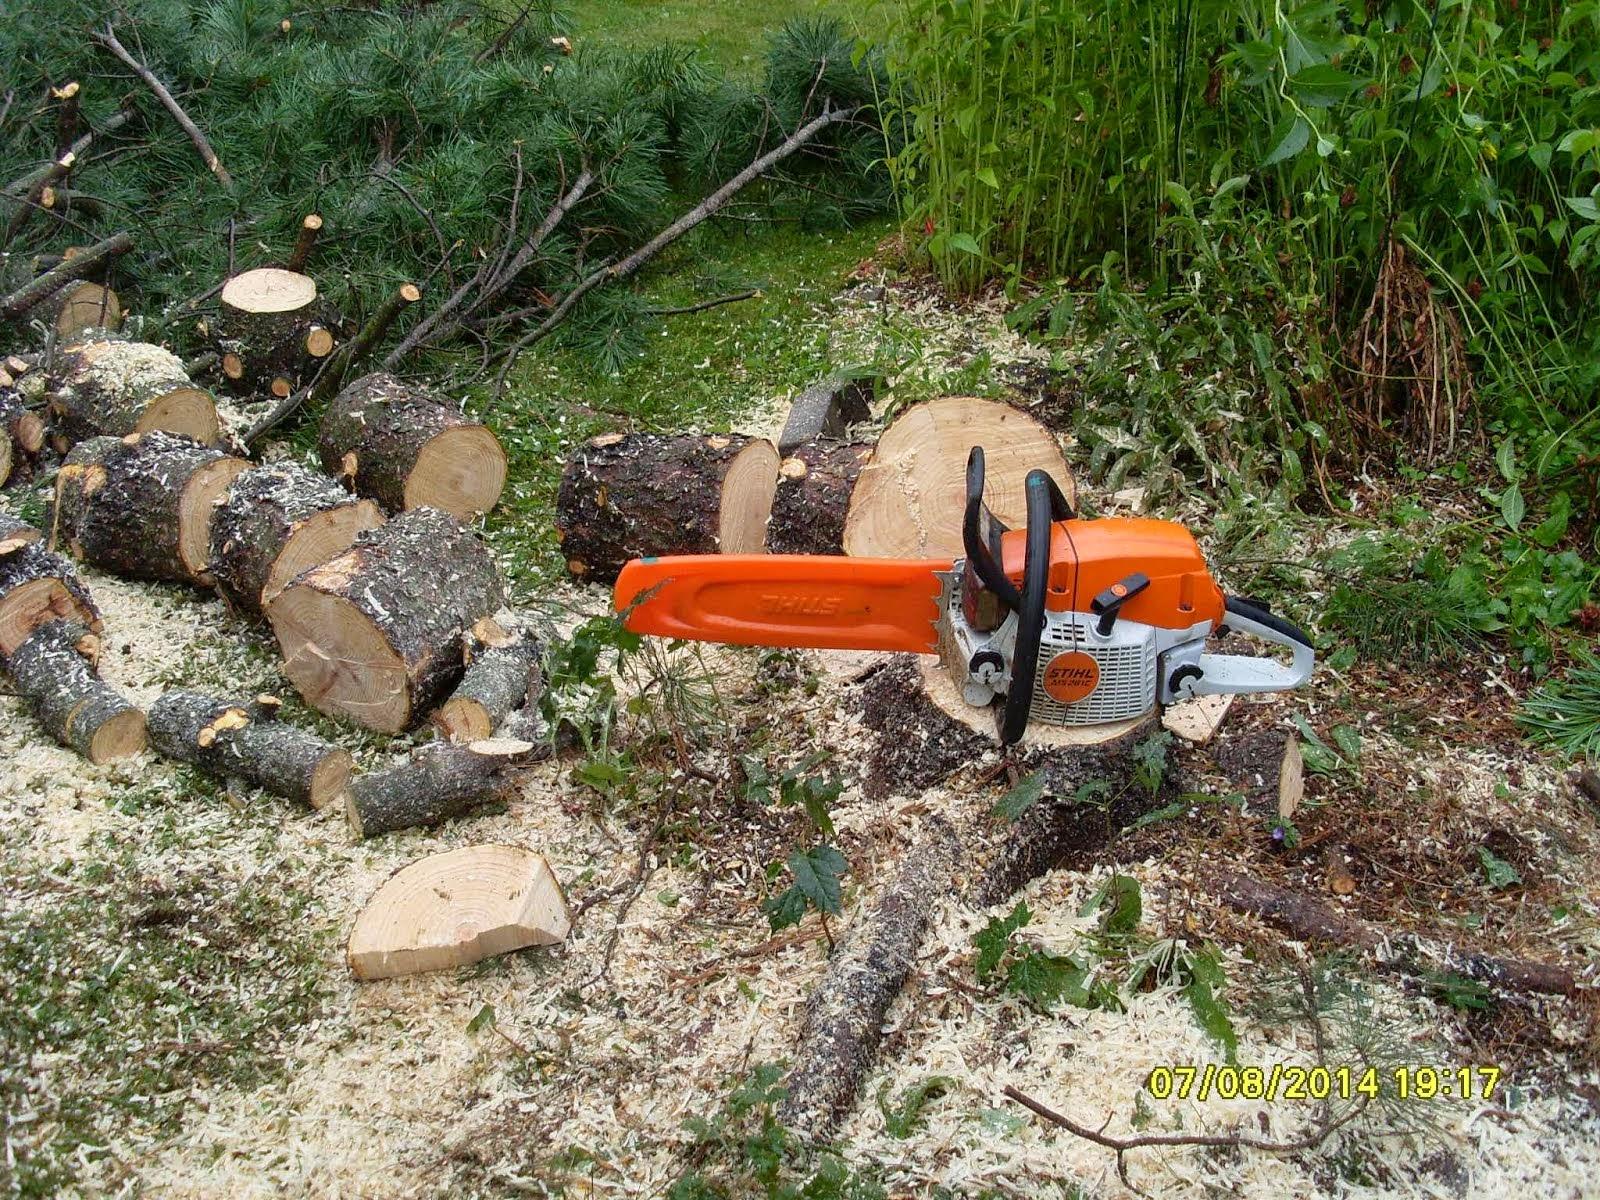 Järeämmätkin pihapuut kaatuvat Stihlillä. Puunkaatotiedustelut e-mail: talonmiespalvelu@gmail.com